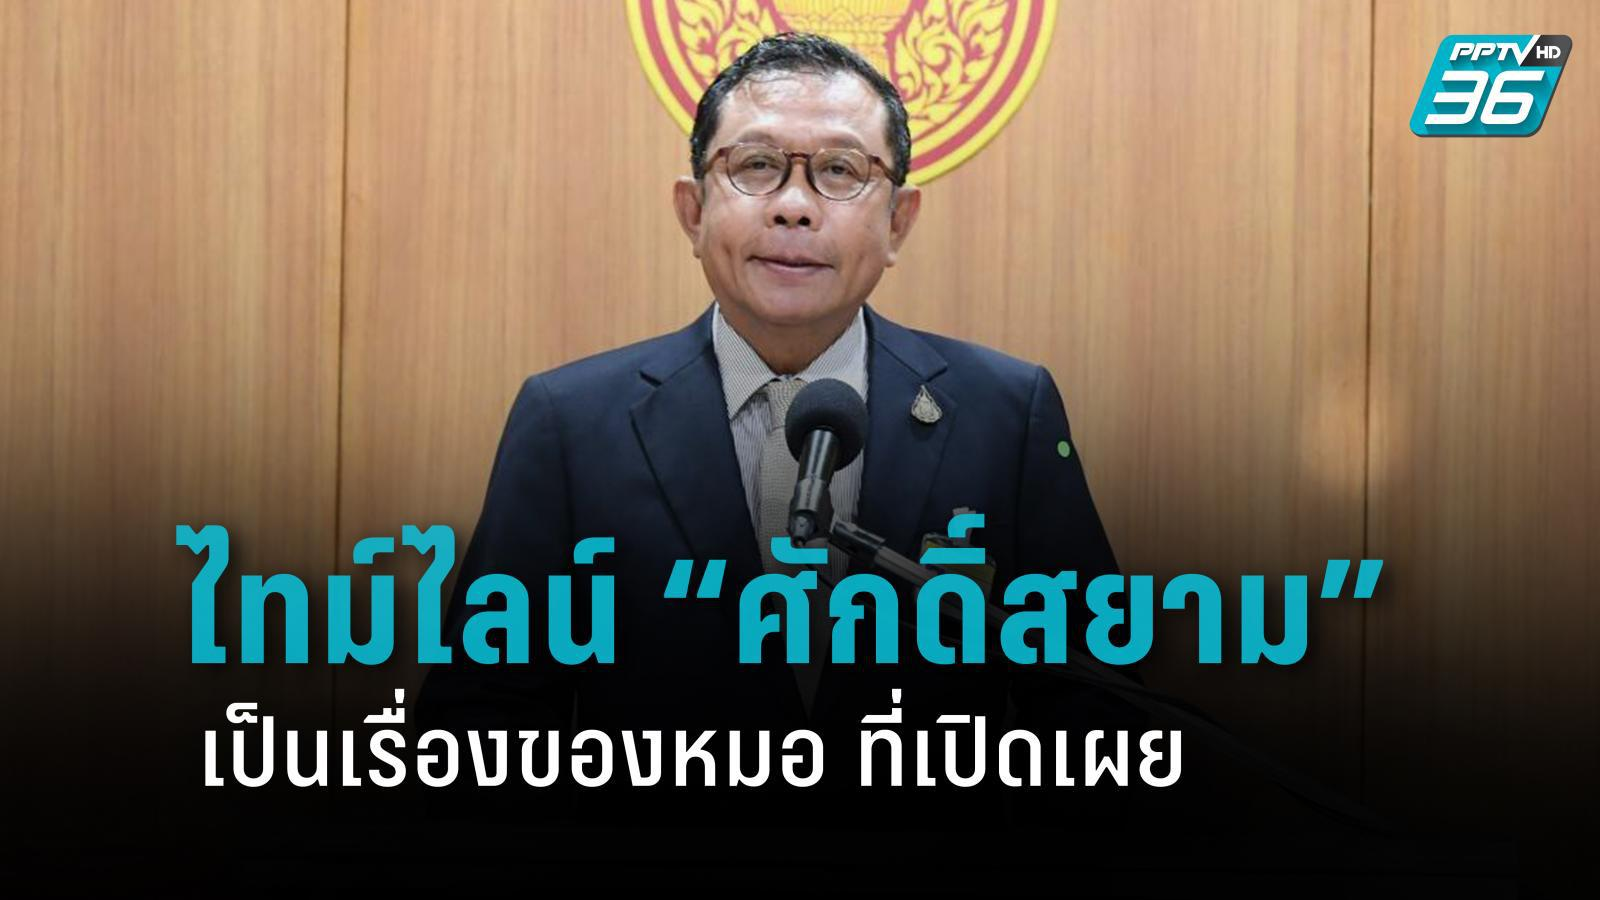 """""""ภูมิใจไทย"""" ชี้ ไทม์ไลน์ """"ศักดิ์สยาม"""" เรื่องของหมอที่จะเปิดเผย"""